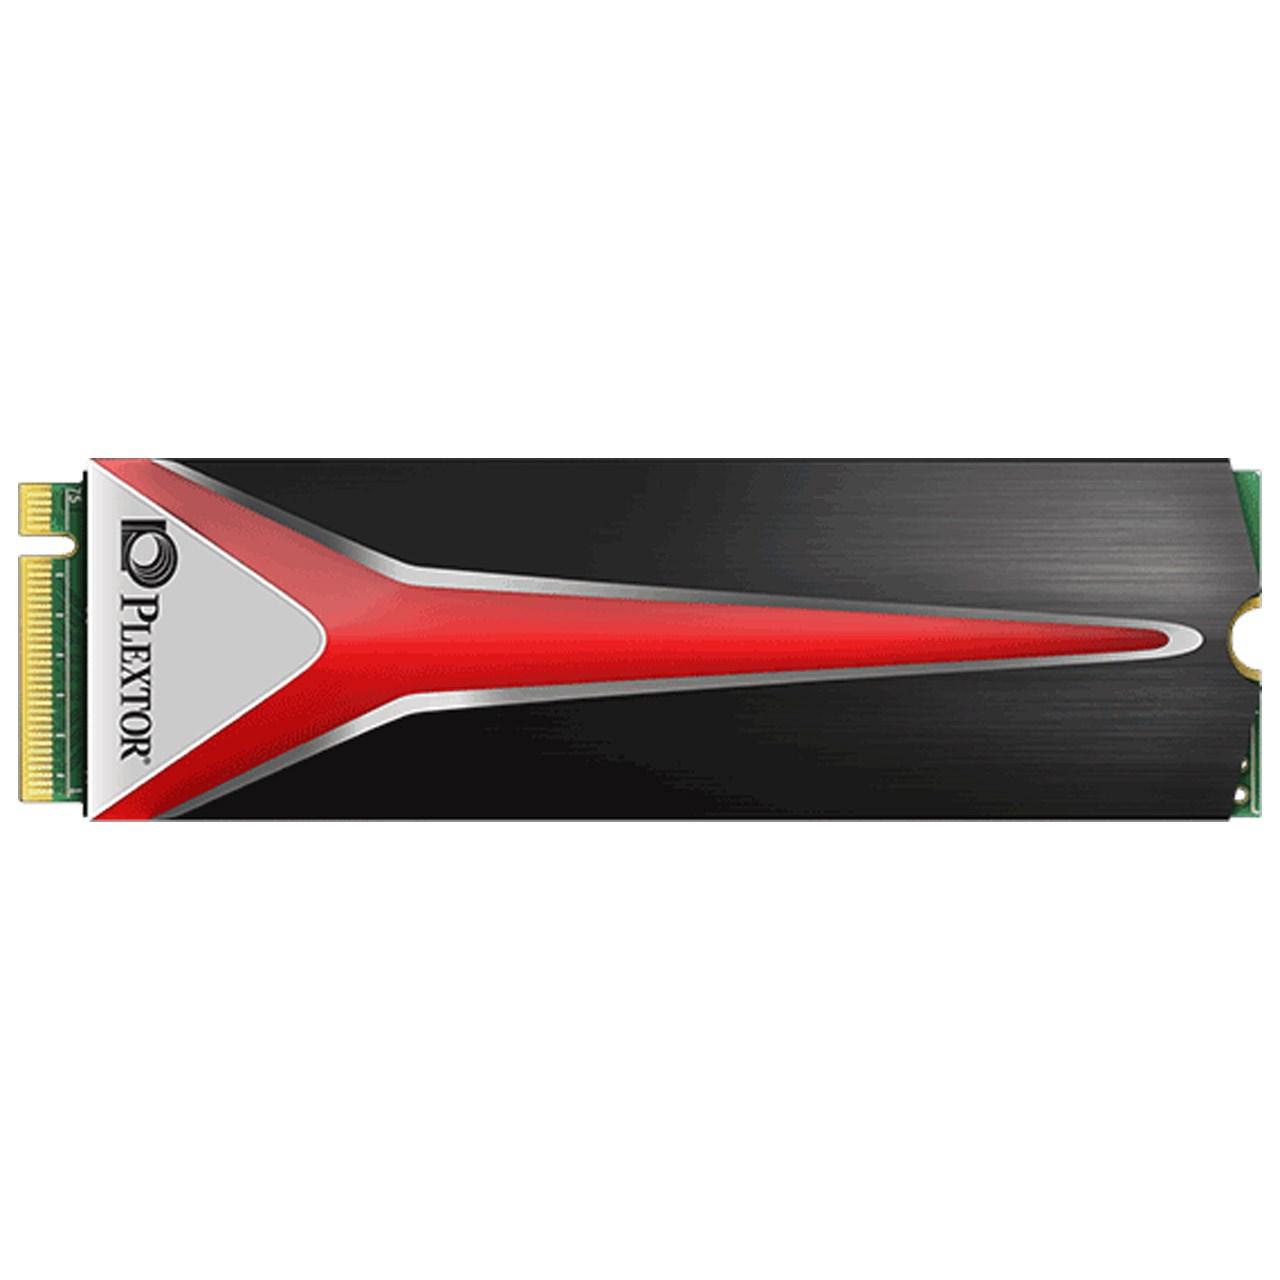 حافظه SSD پلکستور مدل M8Pe M.2 2280 ظرفیت 1 ترابایت